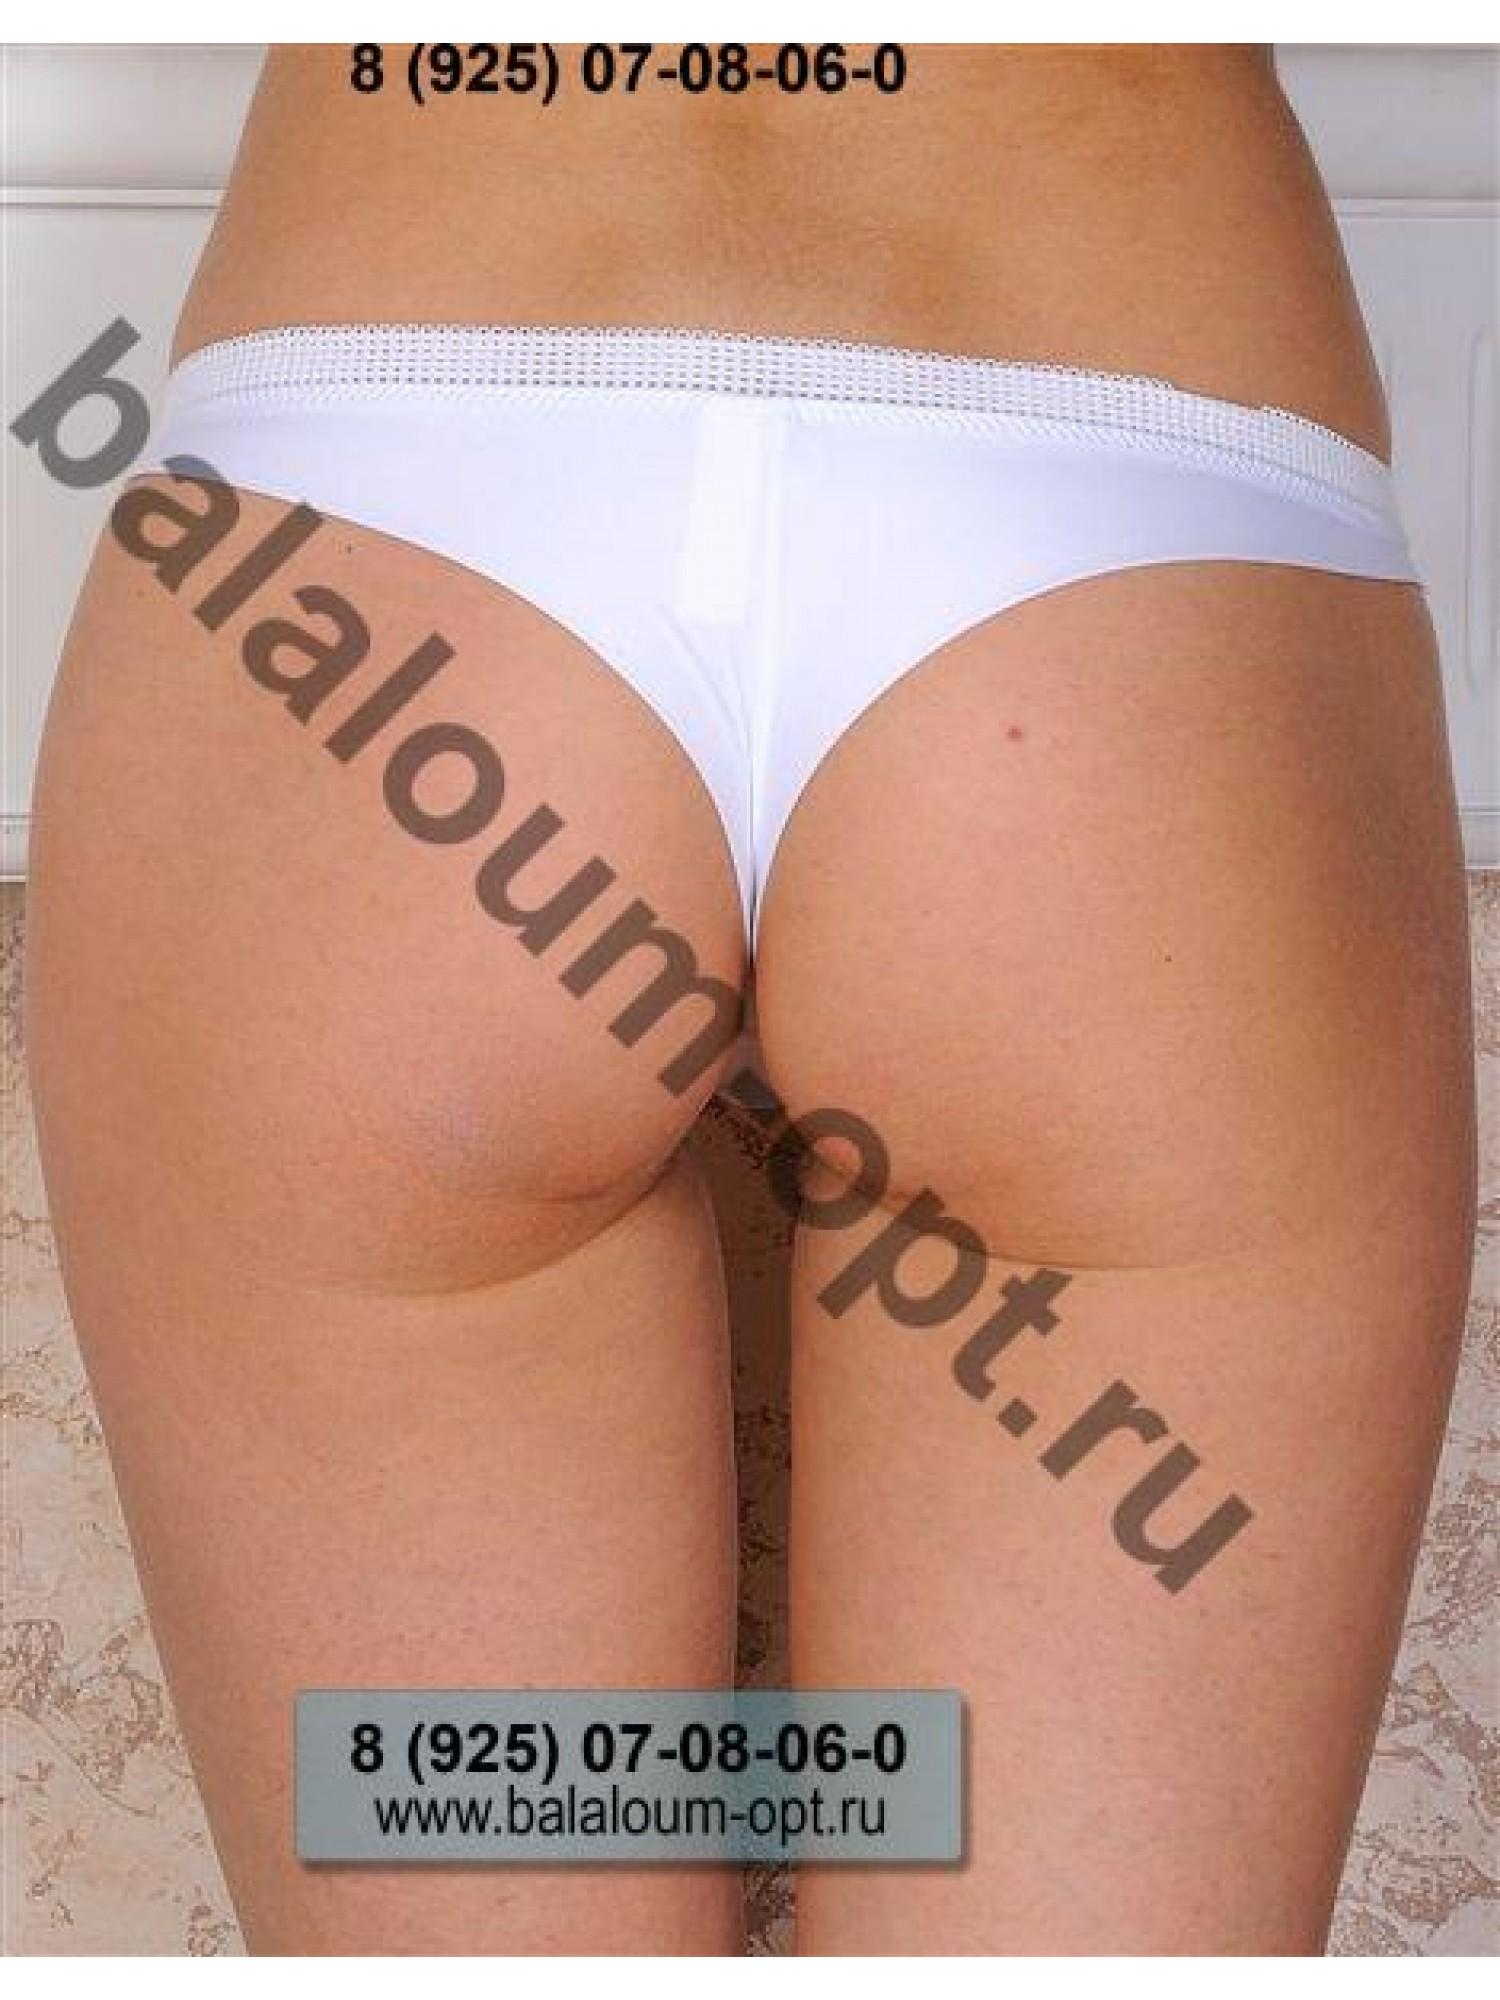 Трусы Balaloum T9061 Белый